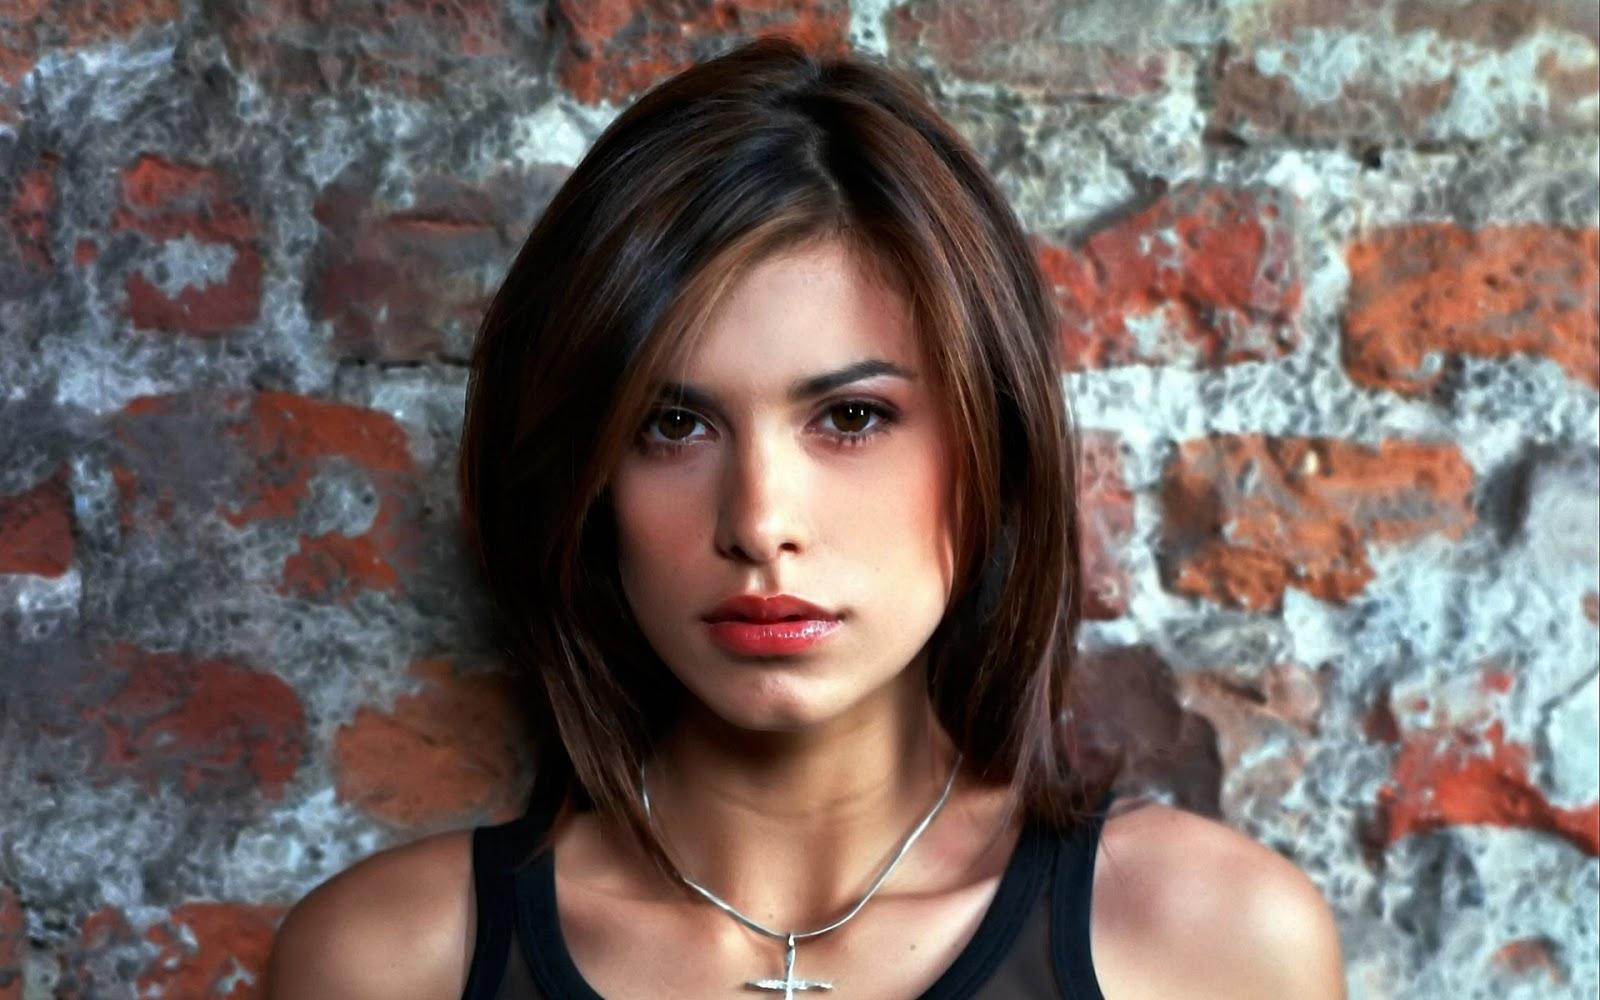 Canalis Elizabeth Actress